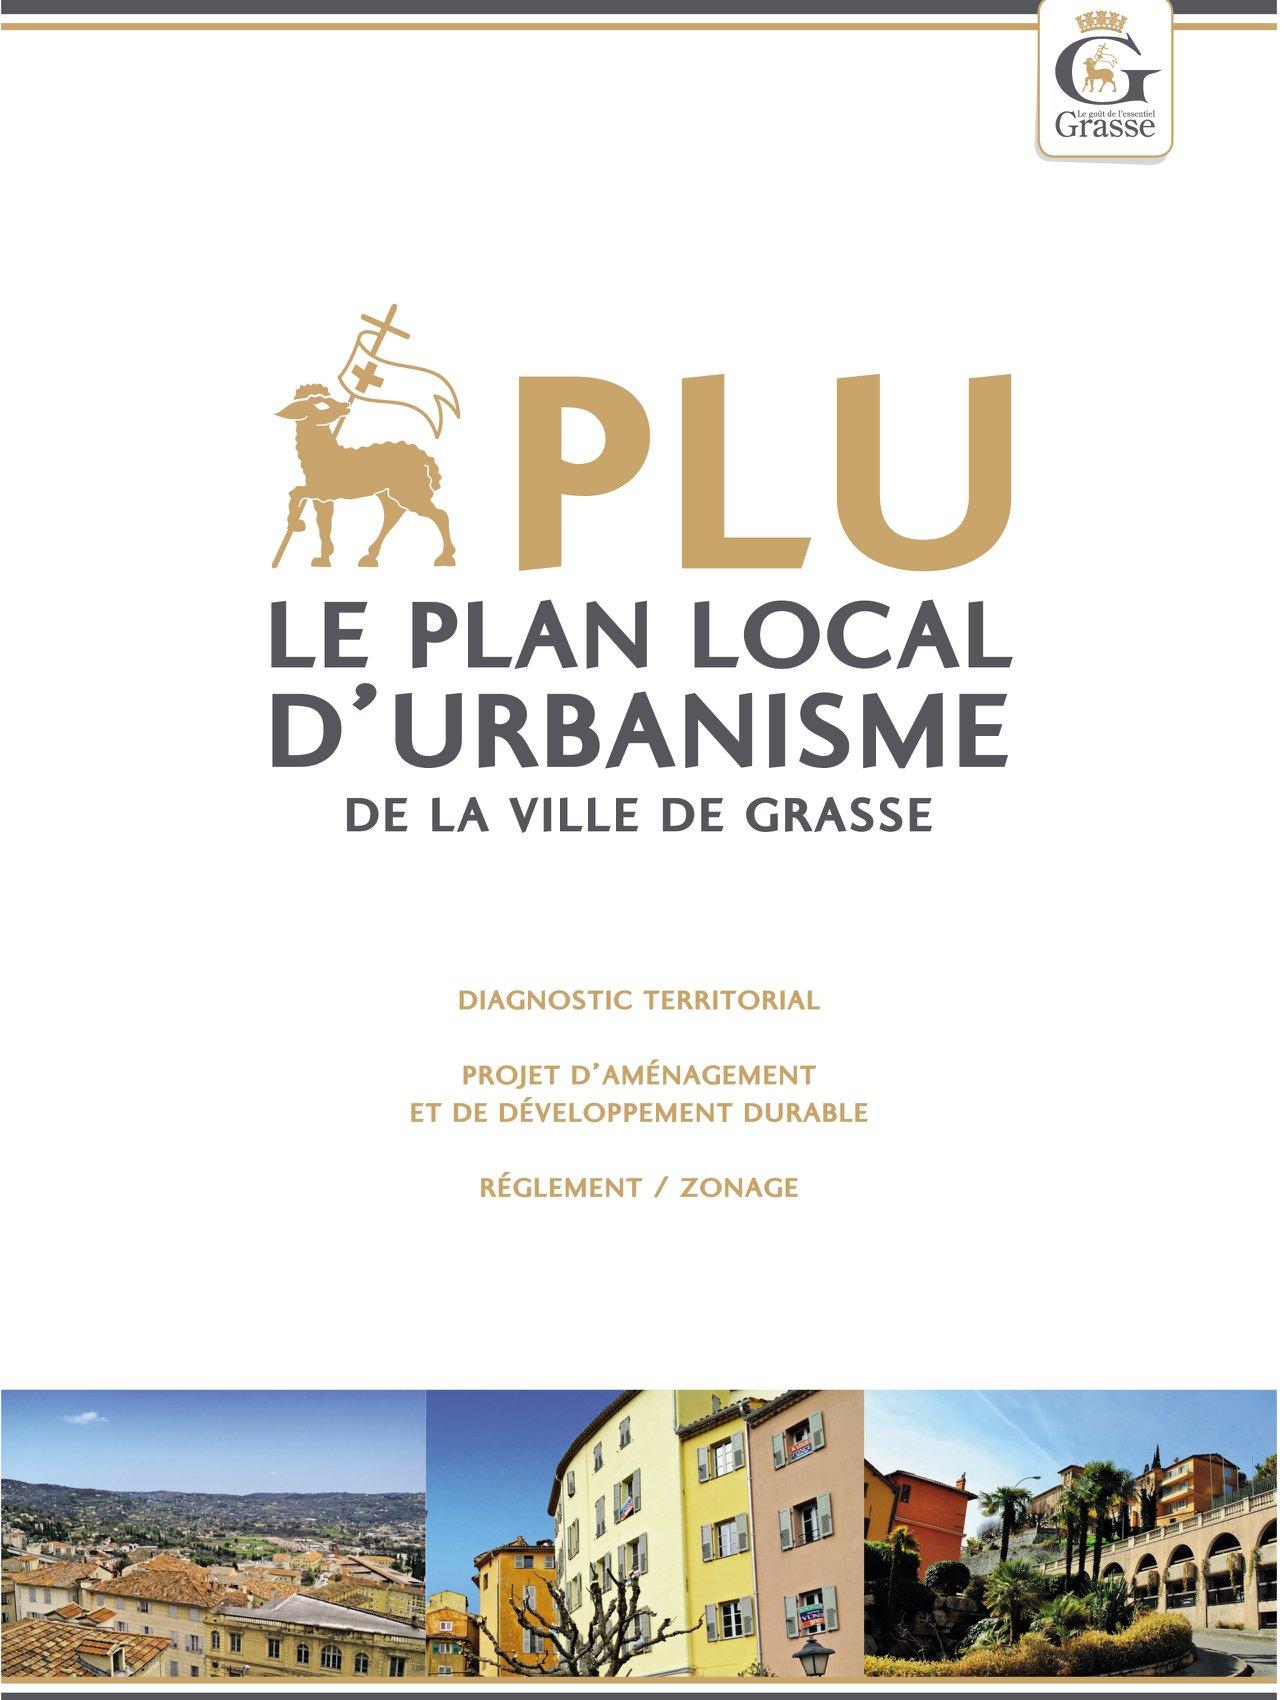 La révision du PLU est un sujet majeur pour le territoire